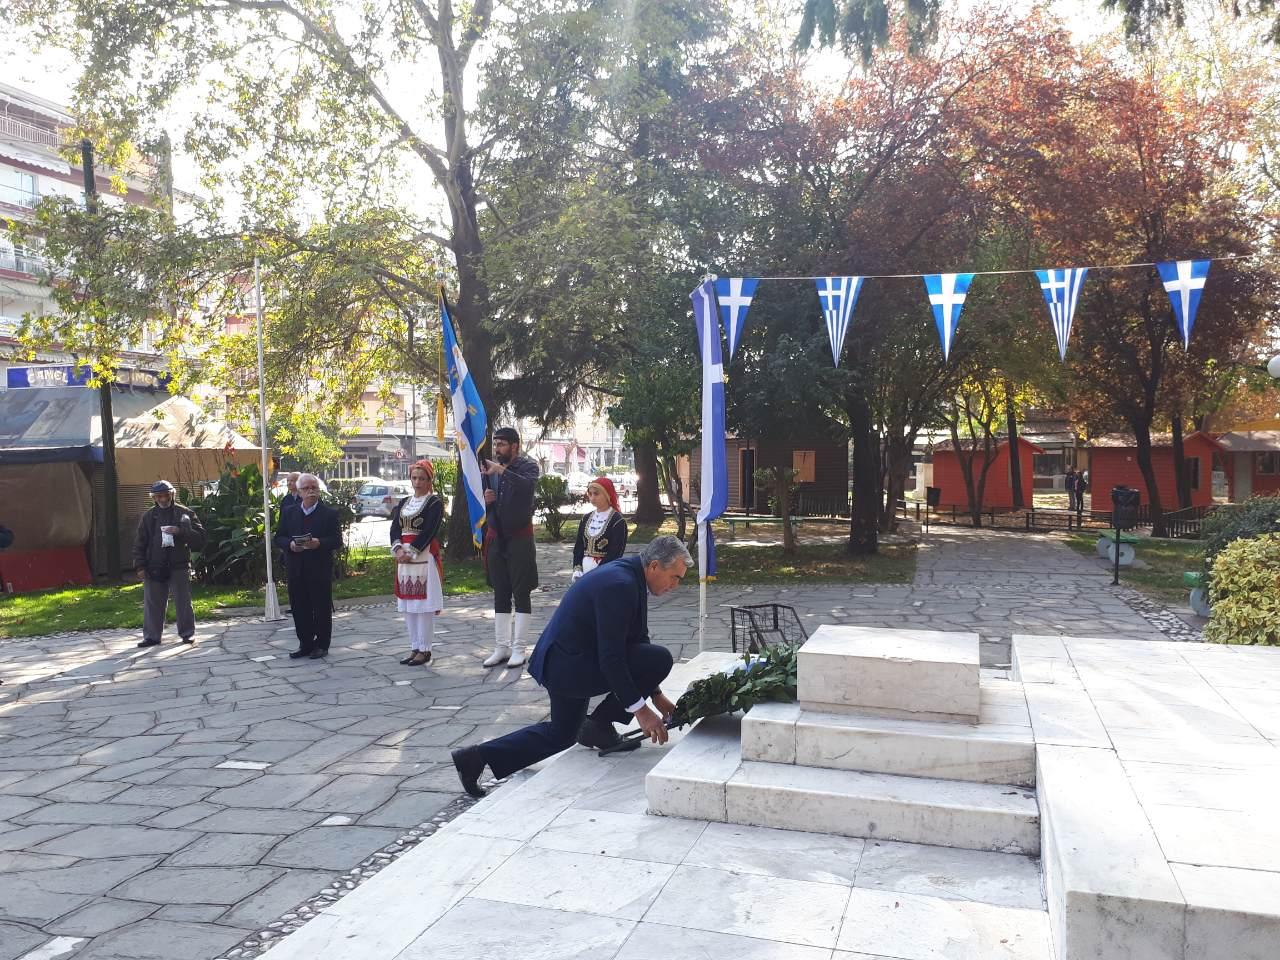 Eκδηλώσεις Μνήμης του Ολοκαυτώματος της Ιεράς Μονής Αρκαδίου